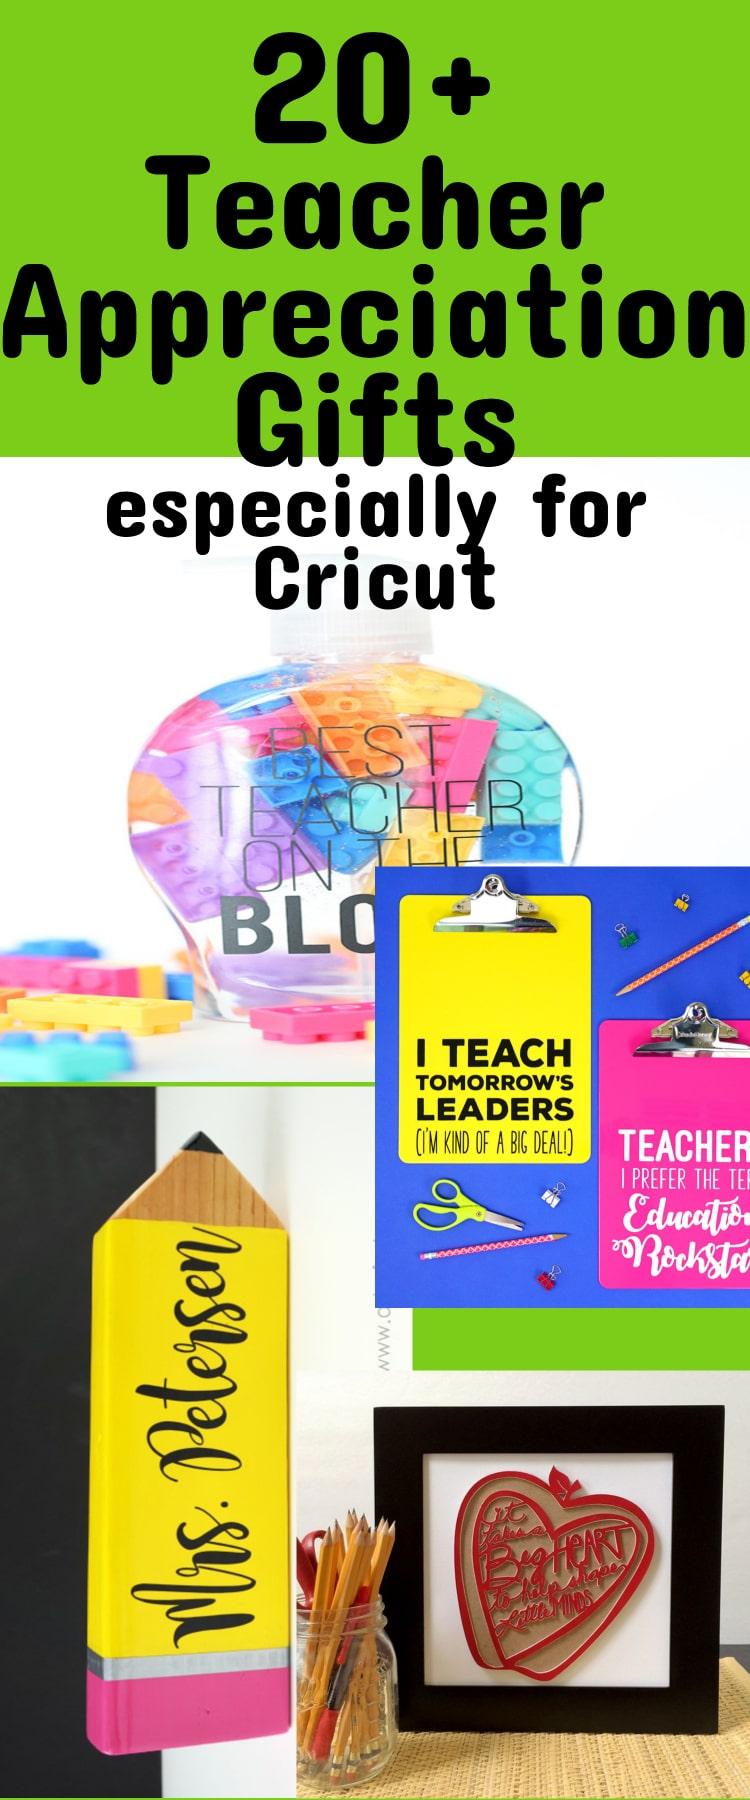 Cricut Teacher Gifts